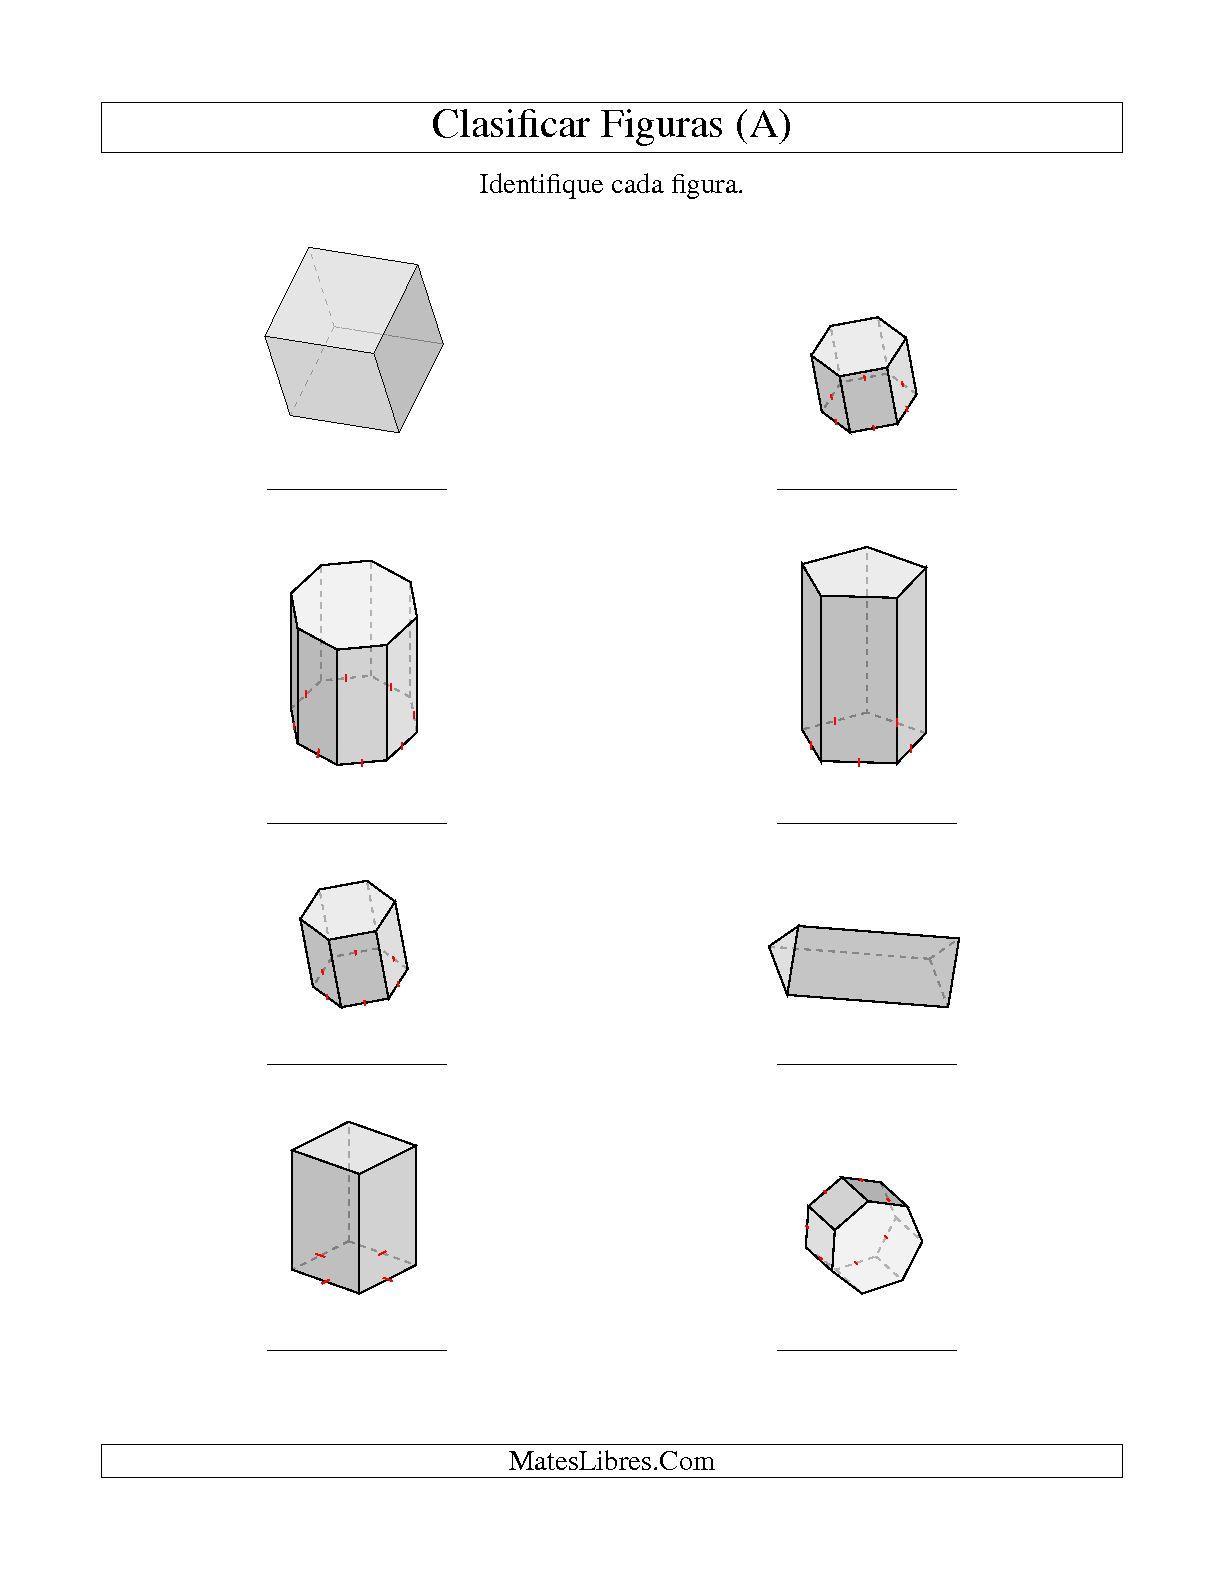 papel cuadriculado